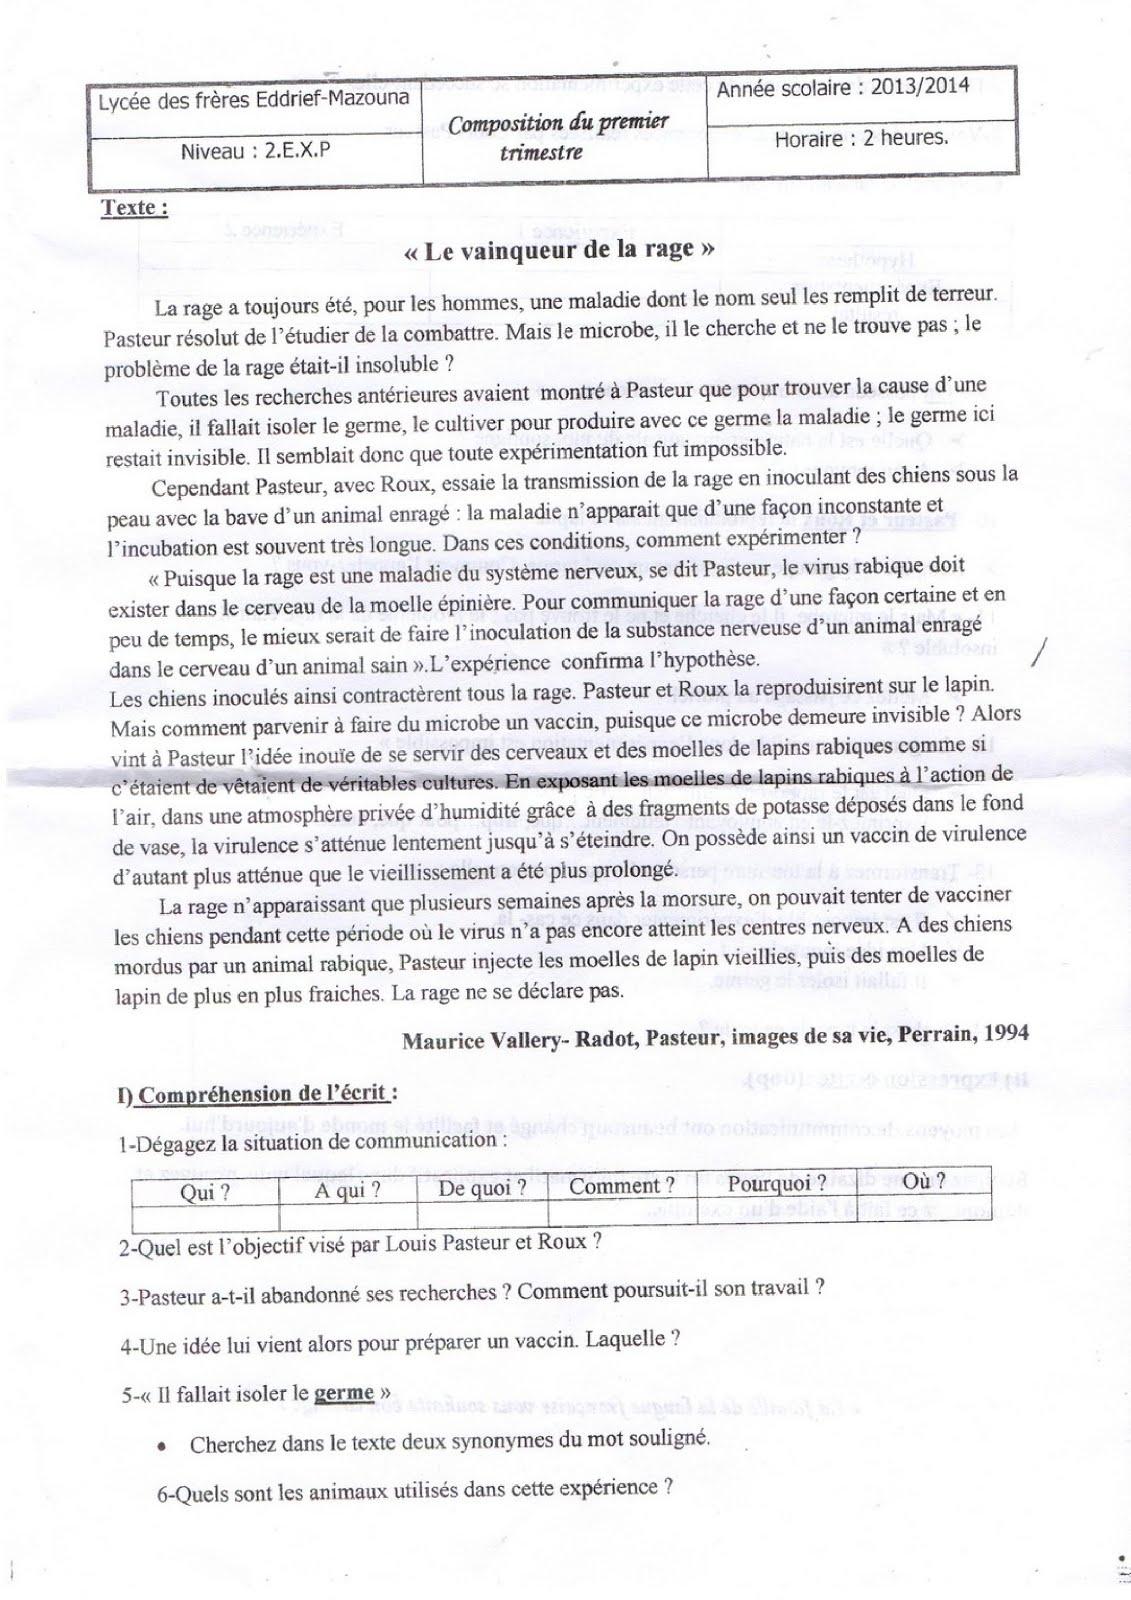 السنة الثانية ثانوي, اللغة الفرنسية للسنة 2 ثانوي,